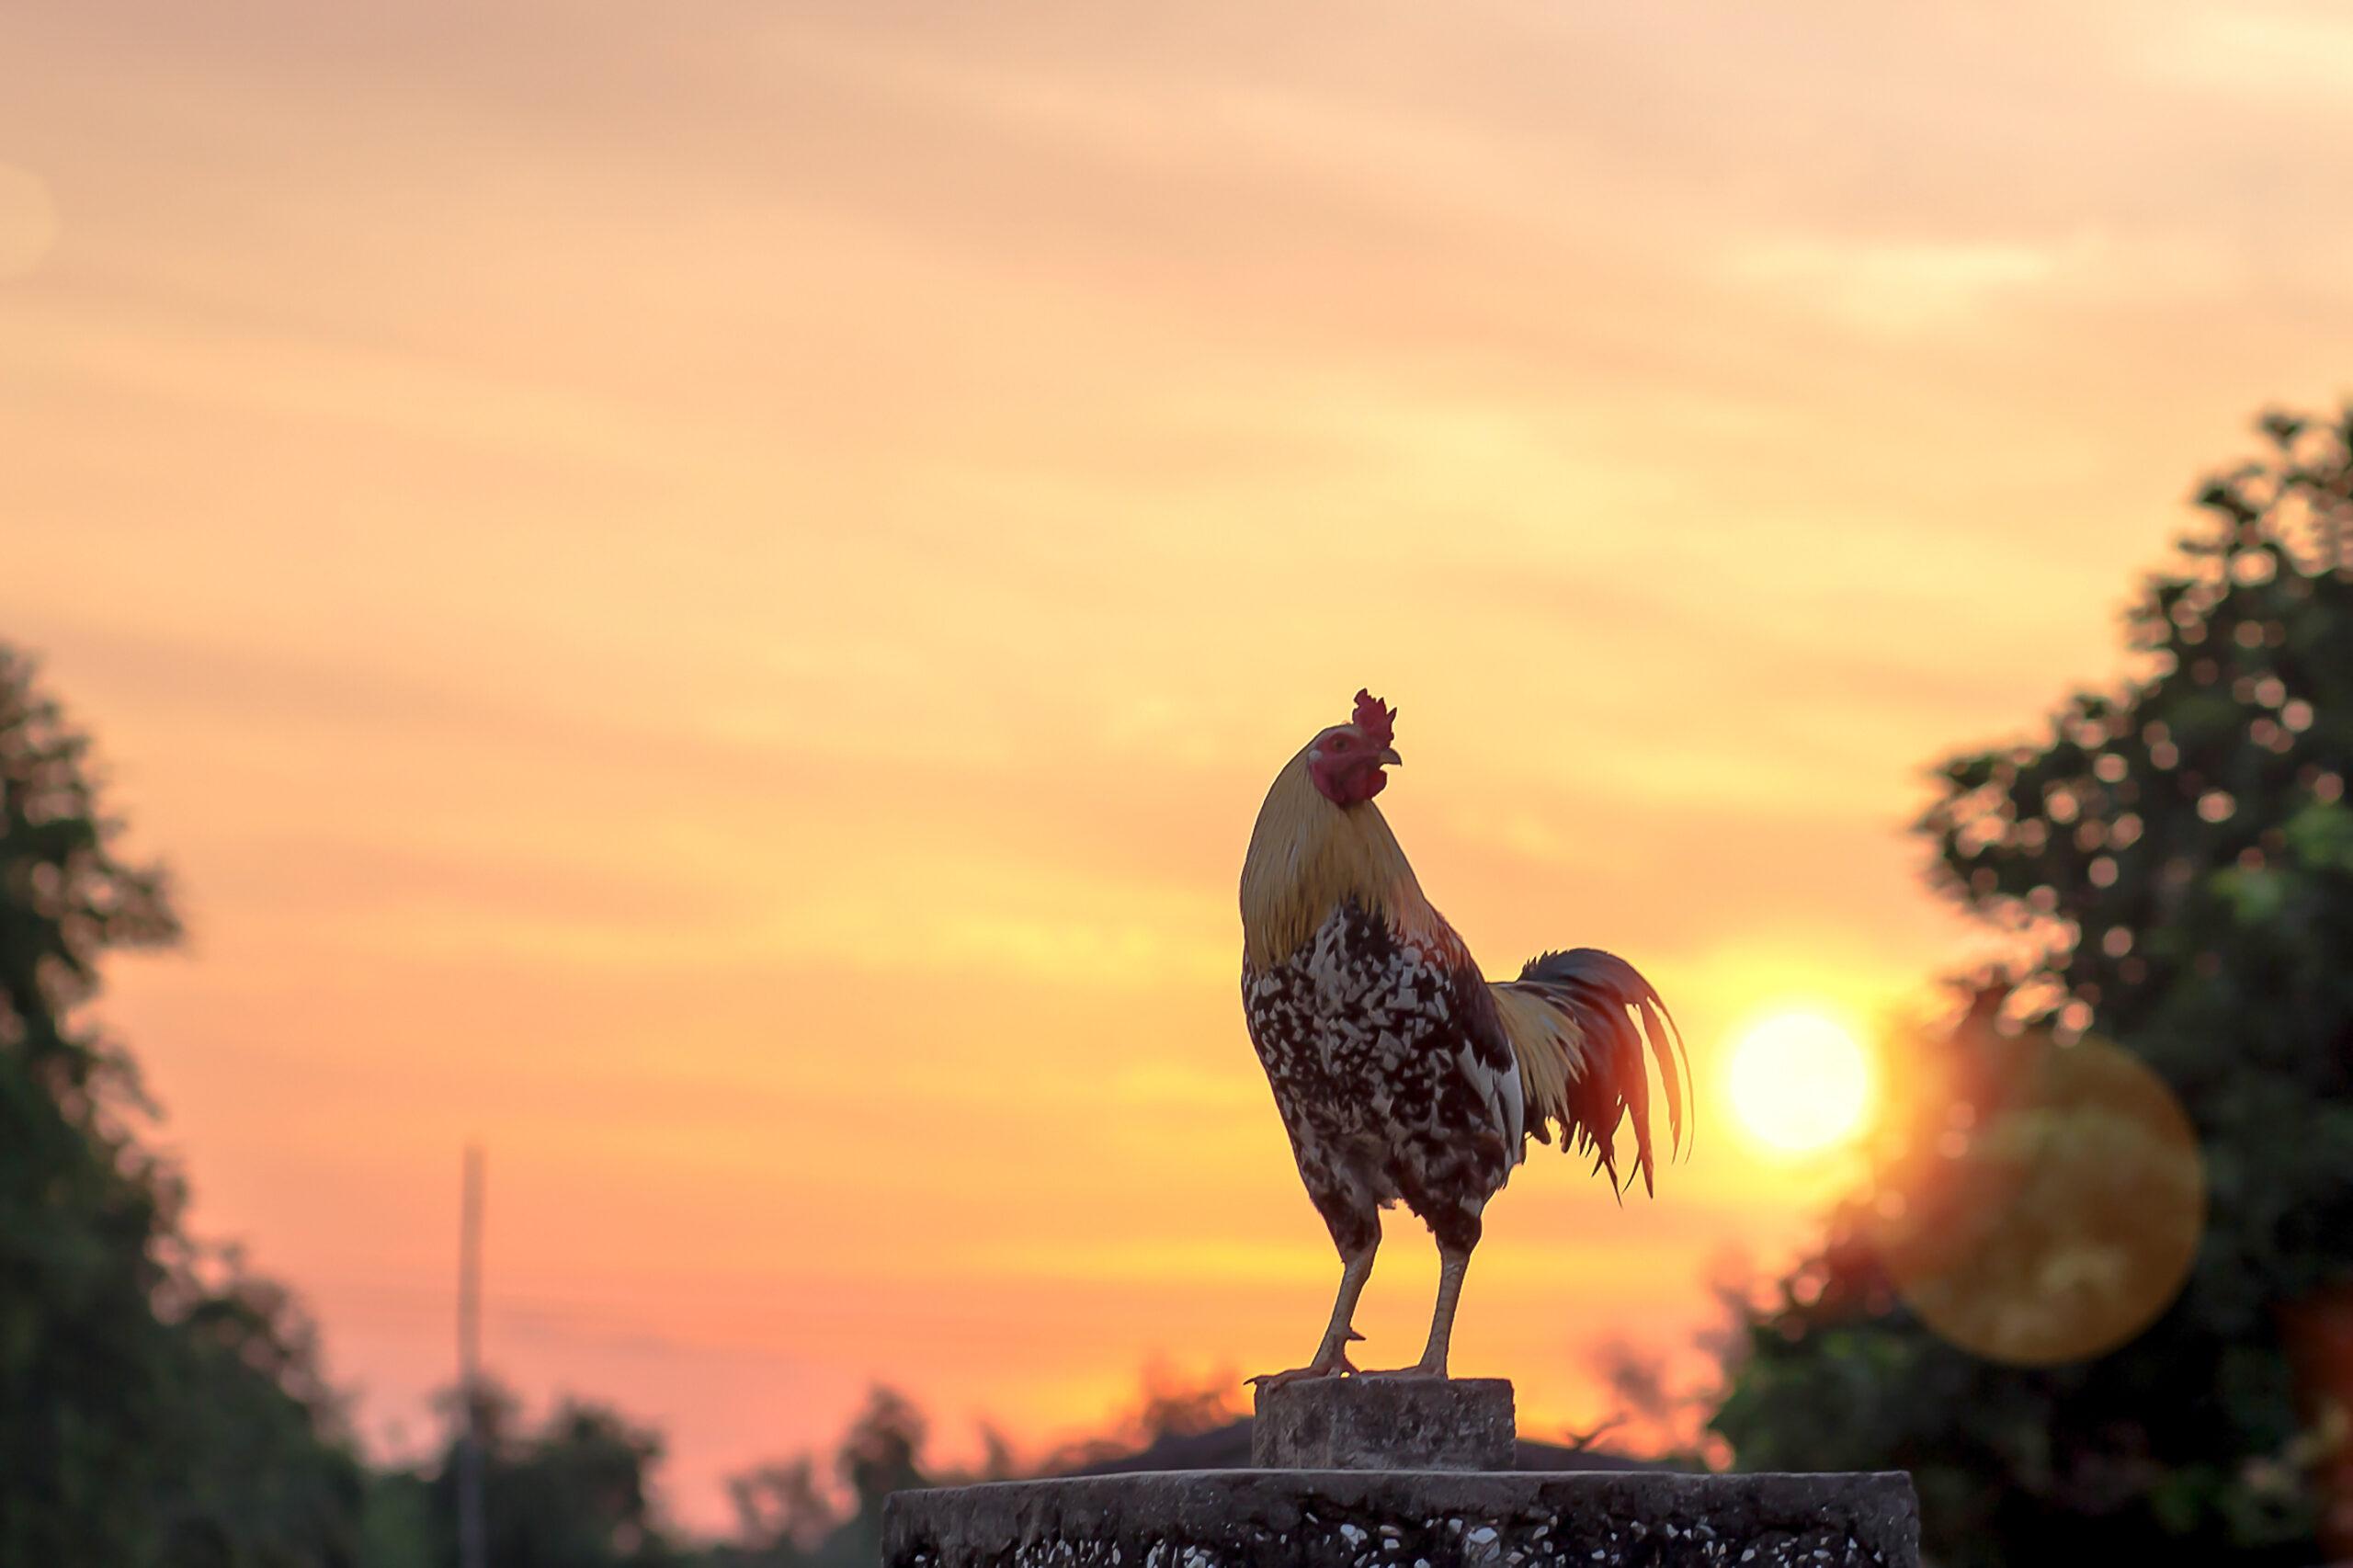 朝早いけど気分良い、早番シフト